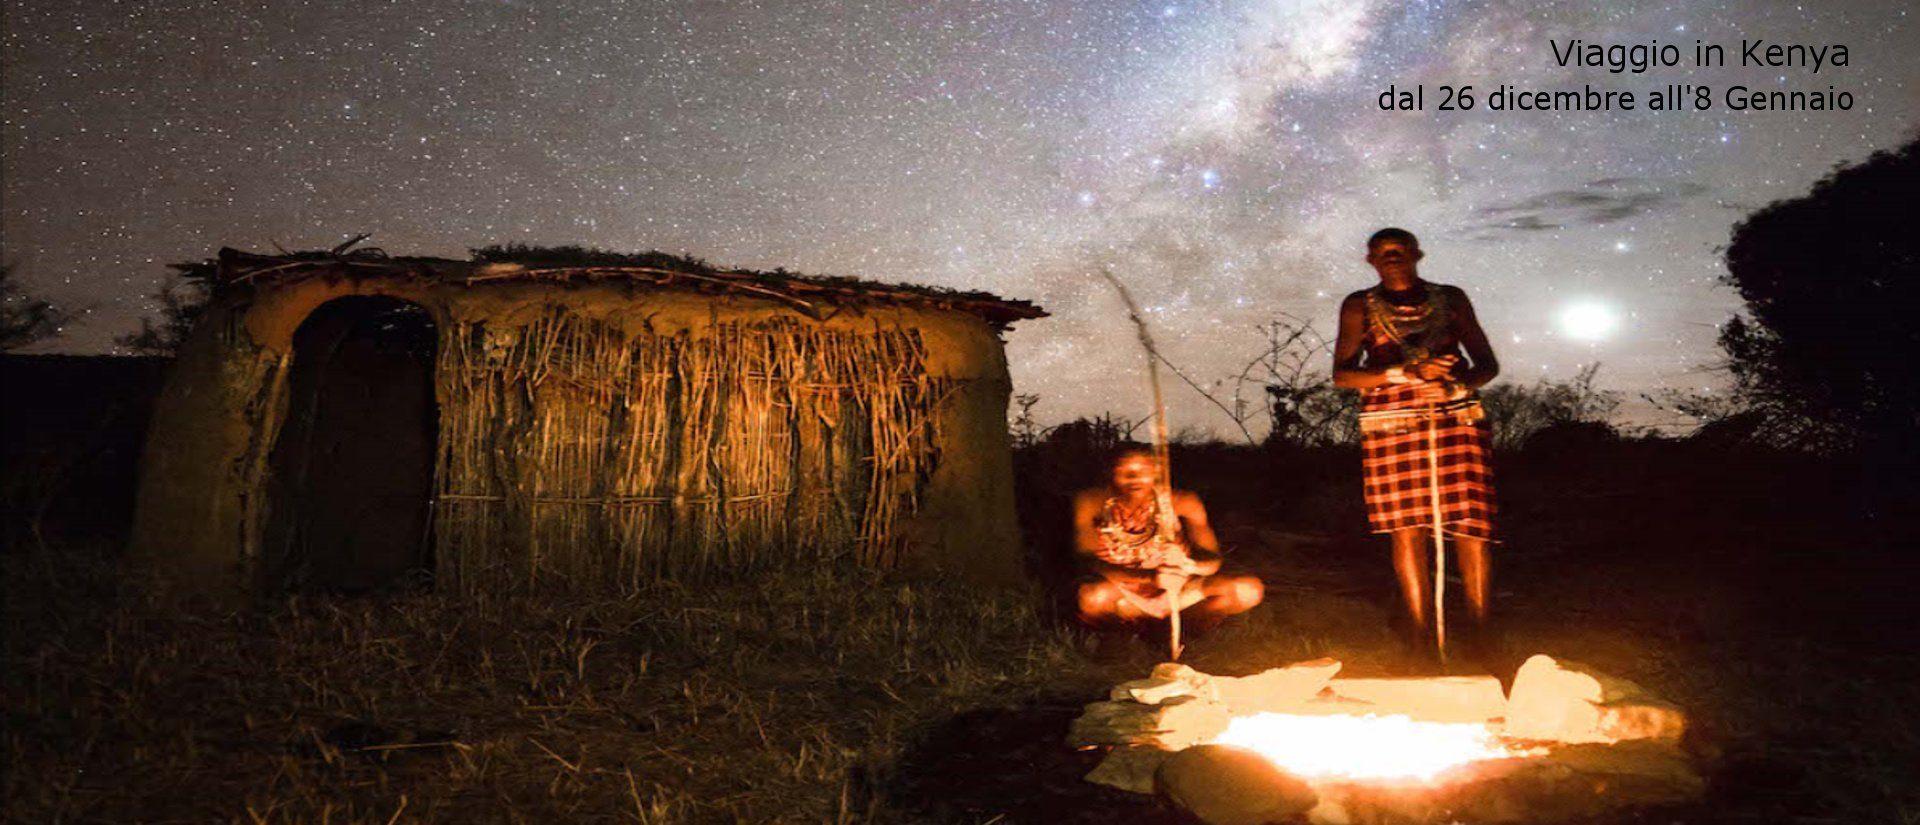 Viaggio in Kenya di Turismo sostenibile